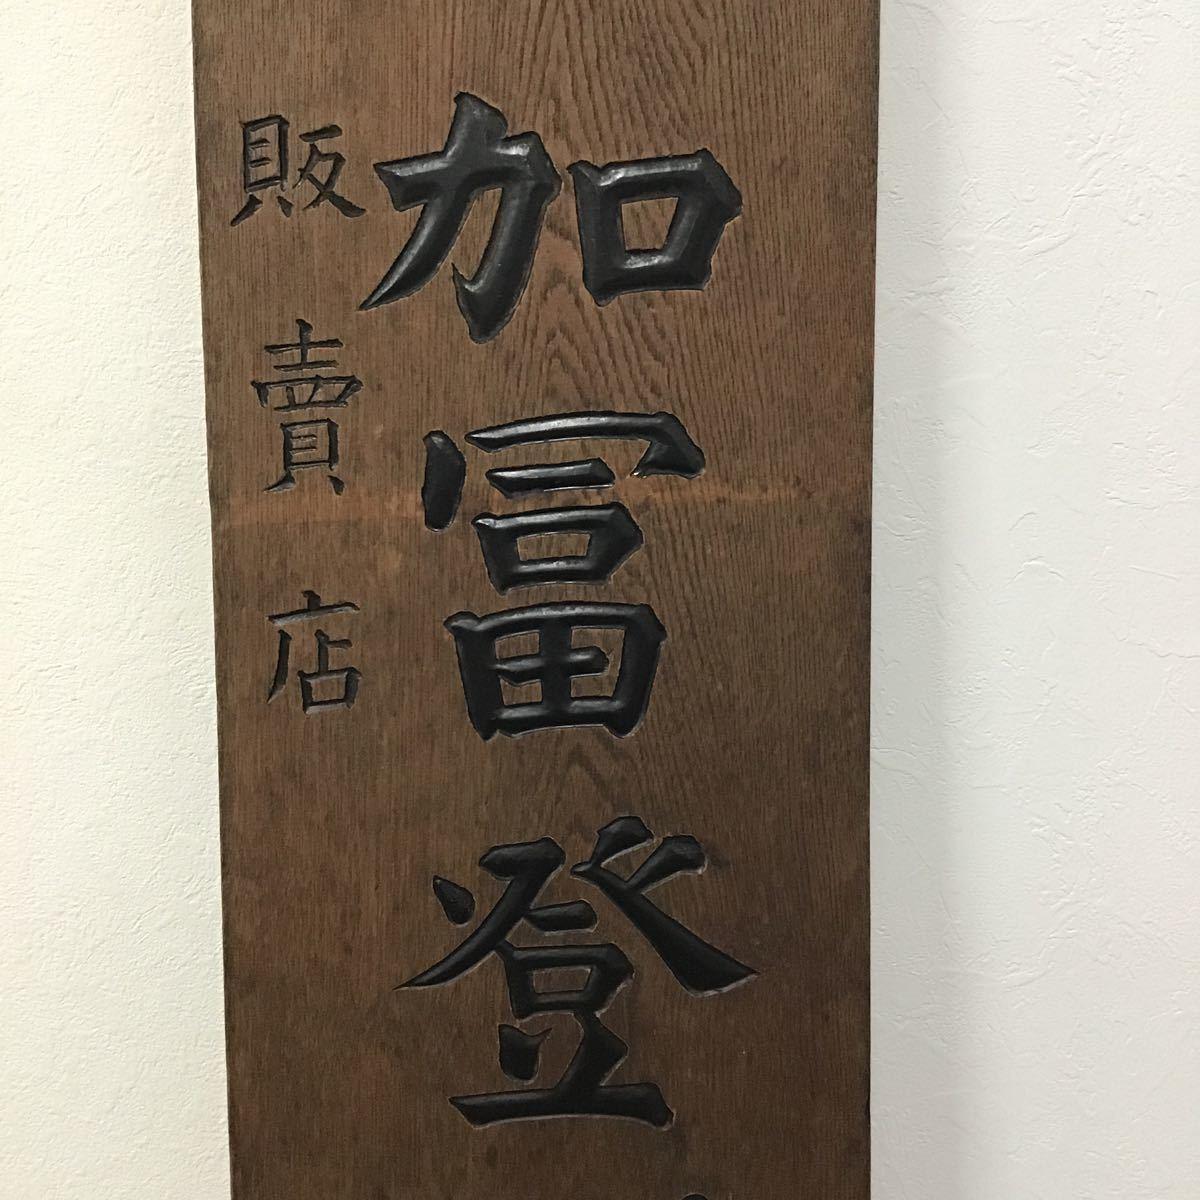 宮内省御用達 加冨登ビール 戦前の看板 No.71_画像4